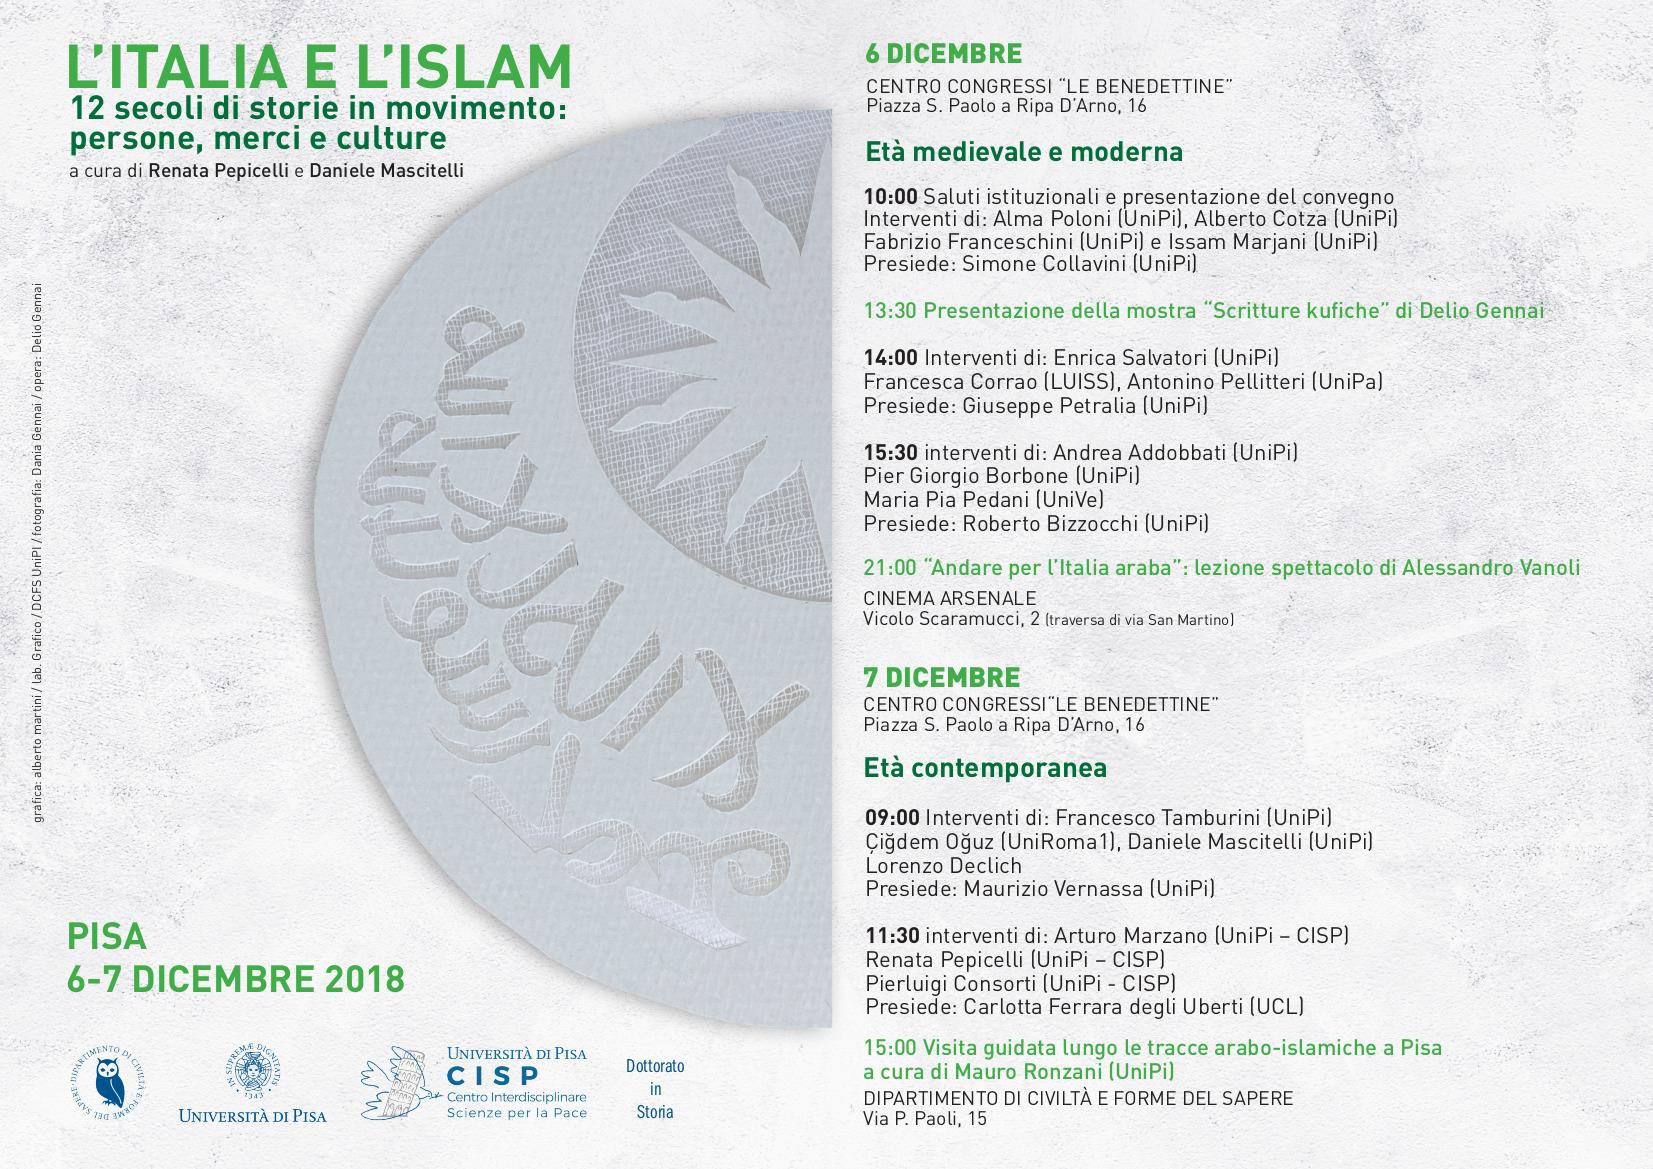 Locandina convegno L'Italia e l'Islam